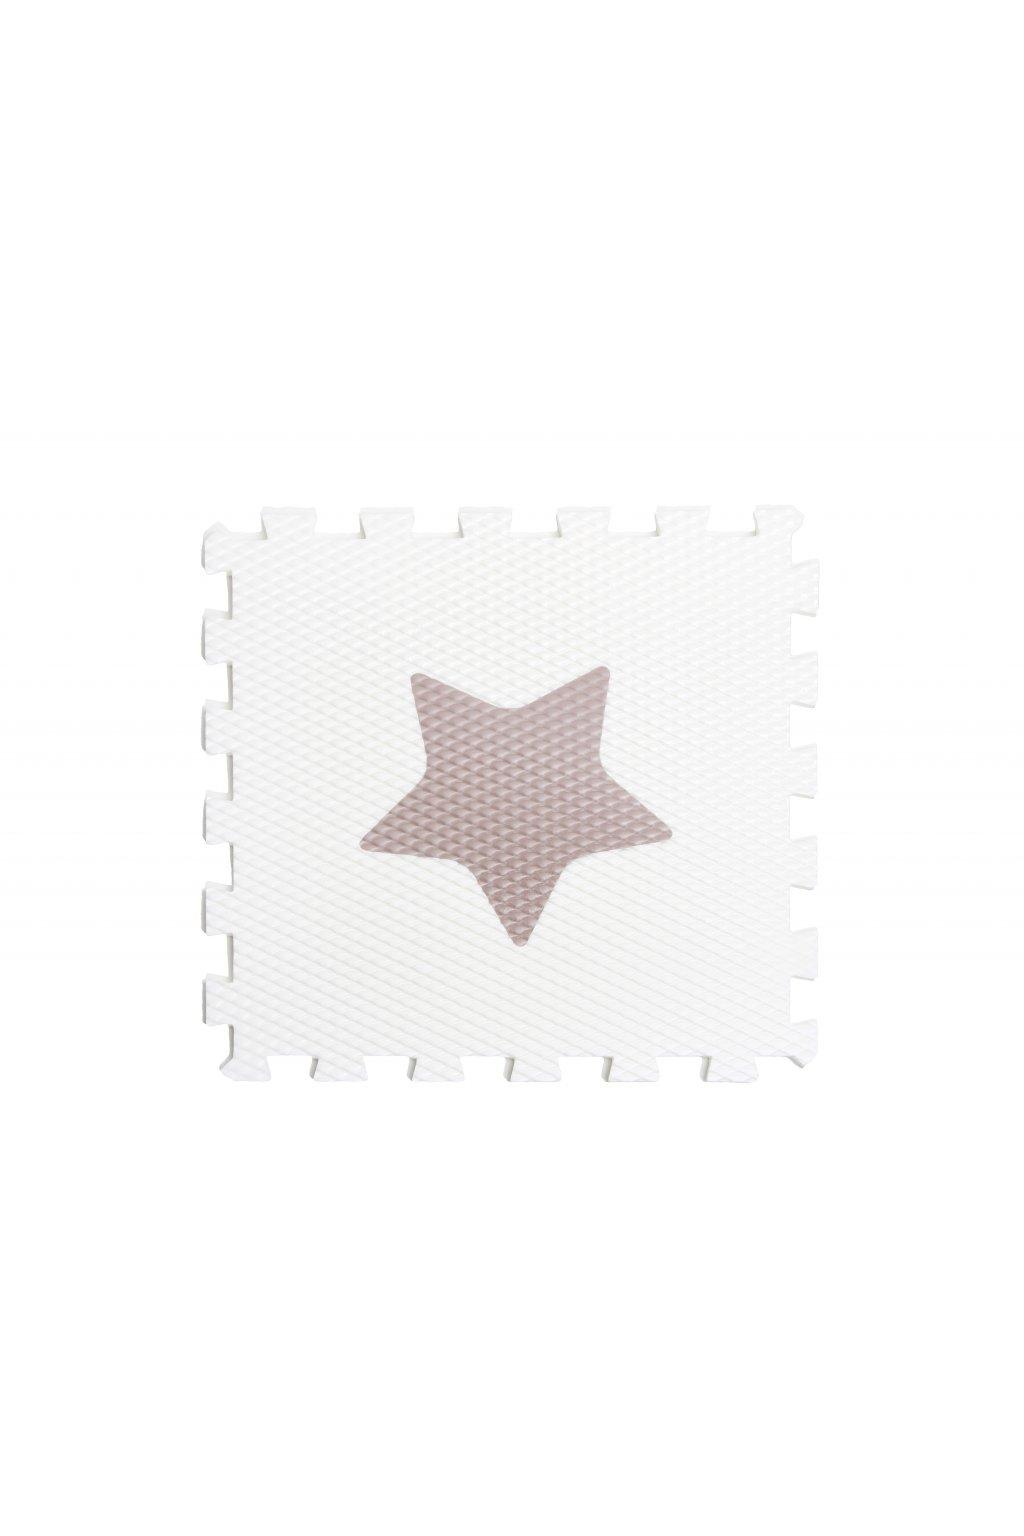 minideckfloor hvězda bílá s hnědou